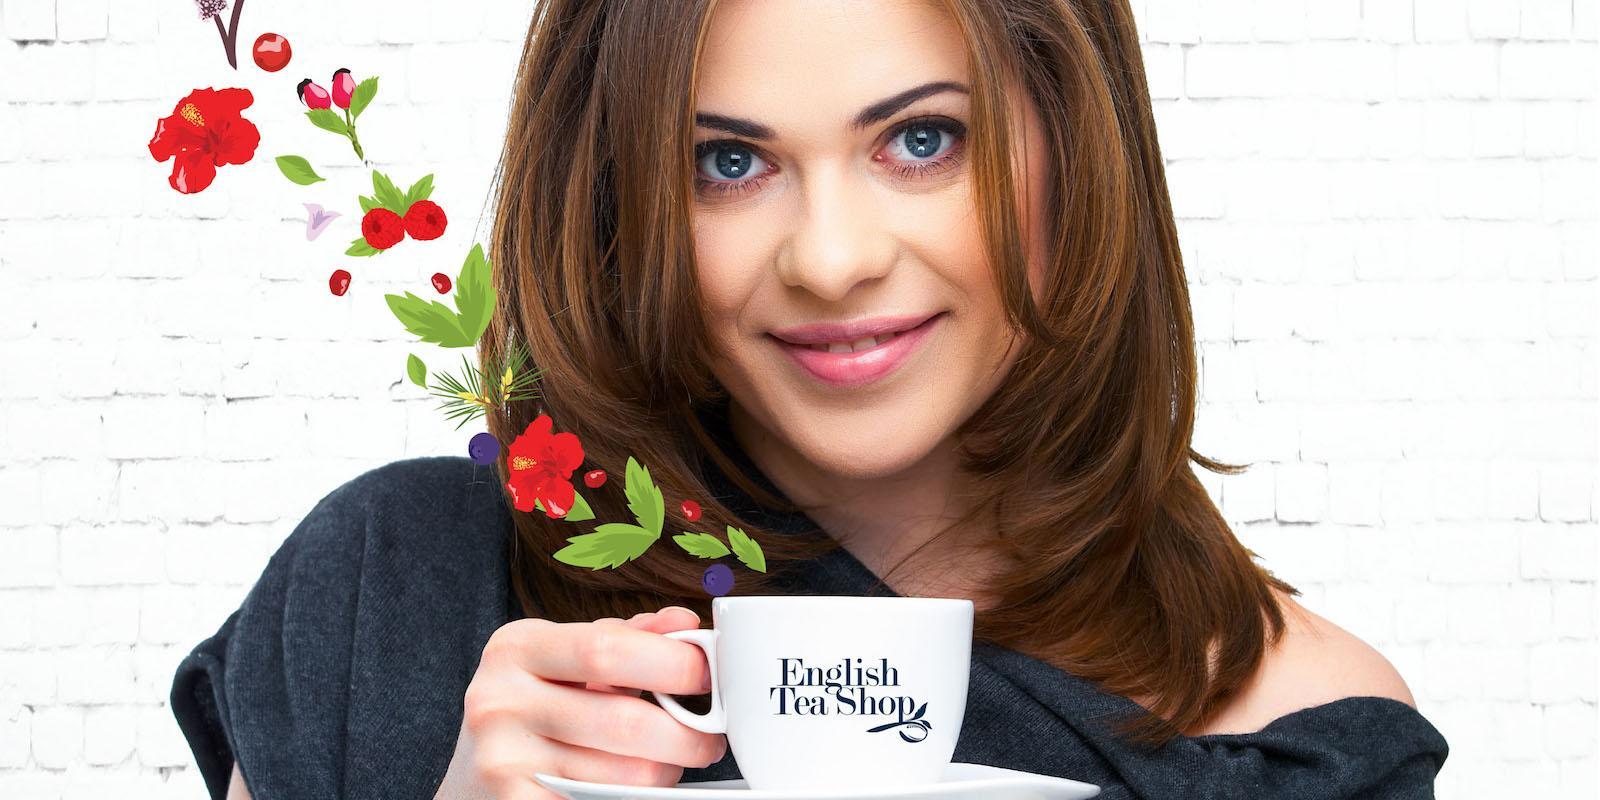 Přeneste se na chvíli do Anglie s English Tea Shop